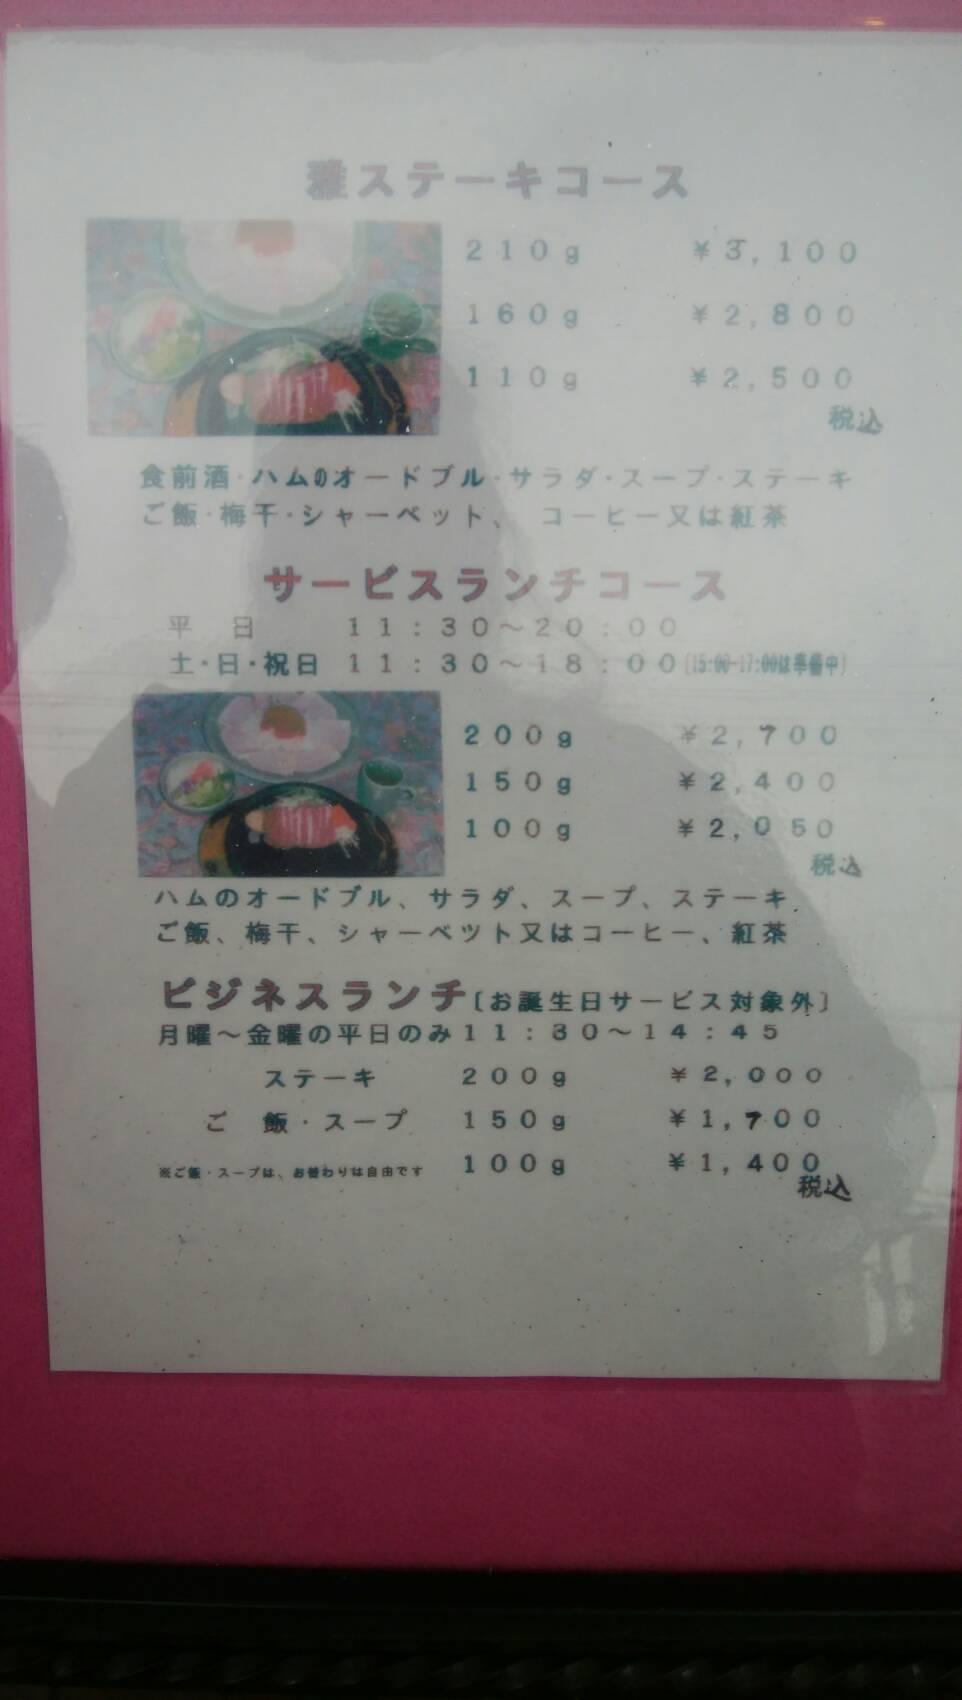 三田屋本店 新大阪 ランチメニュー